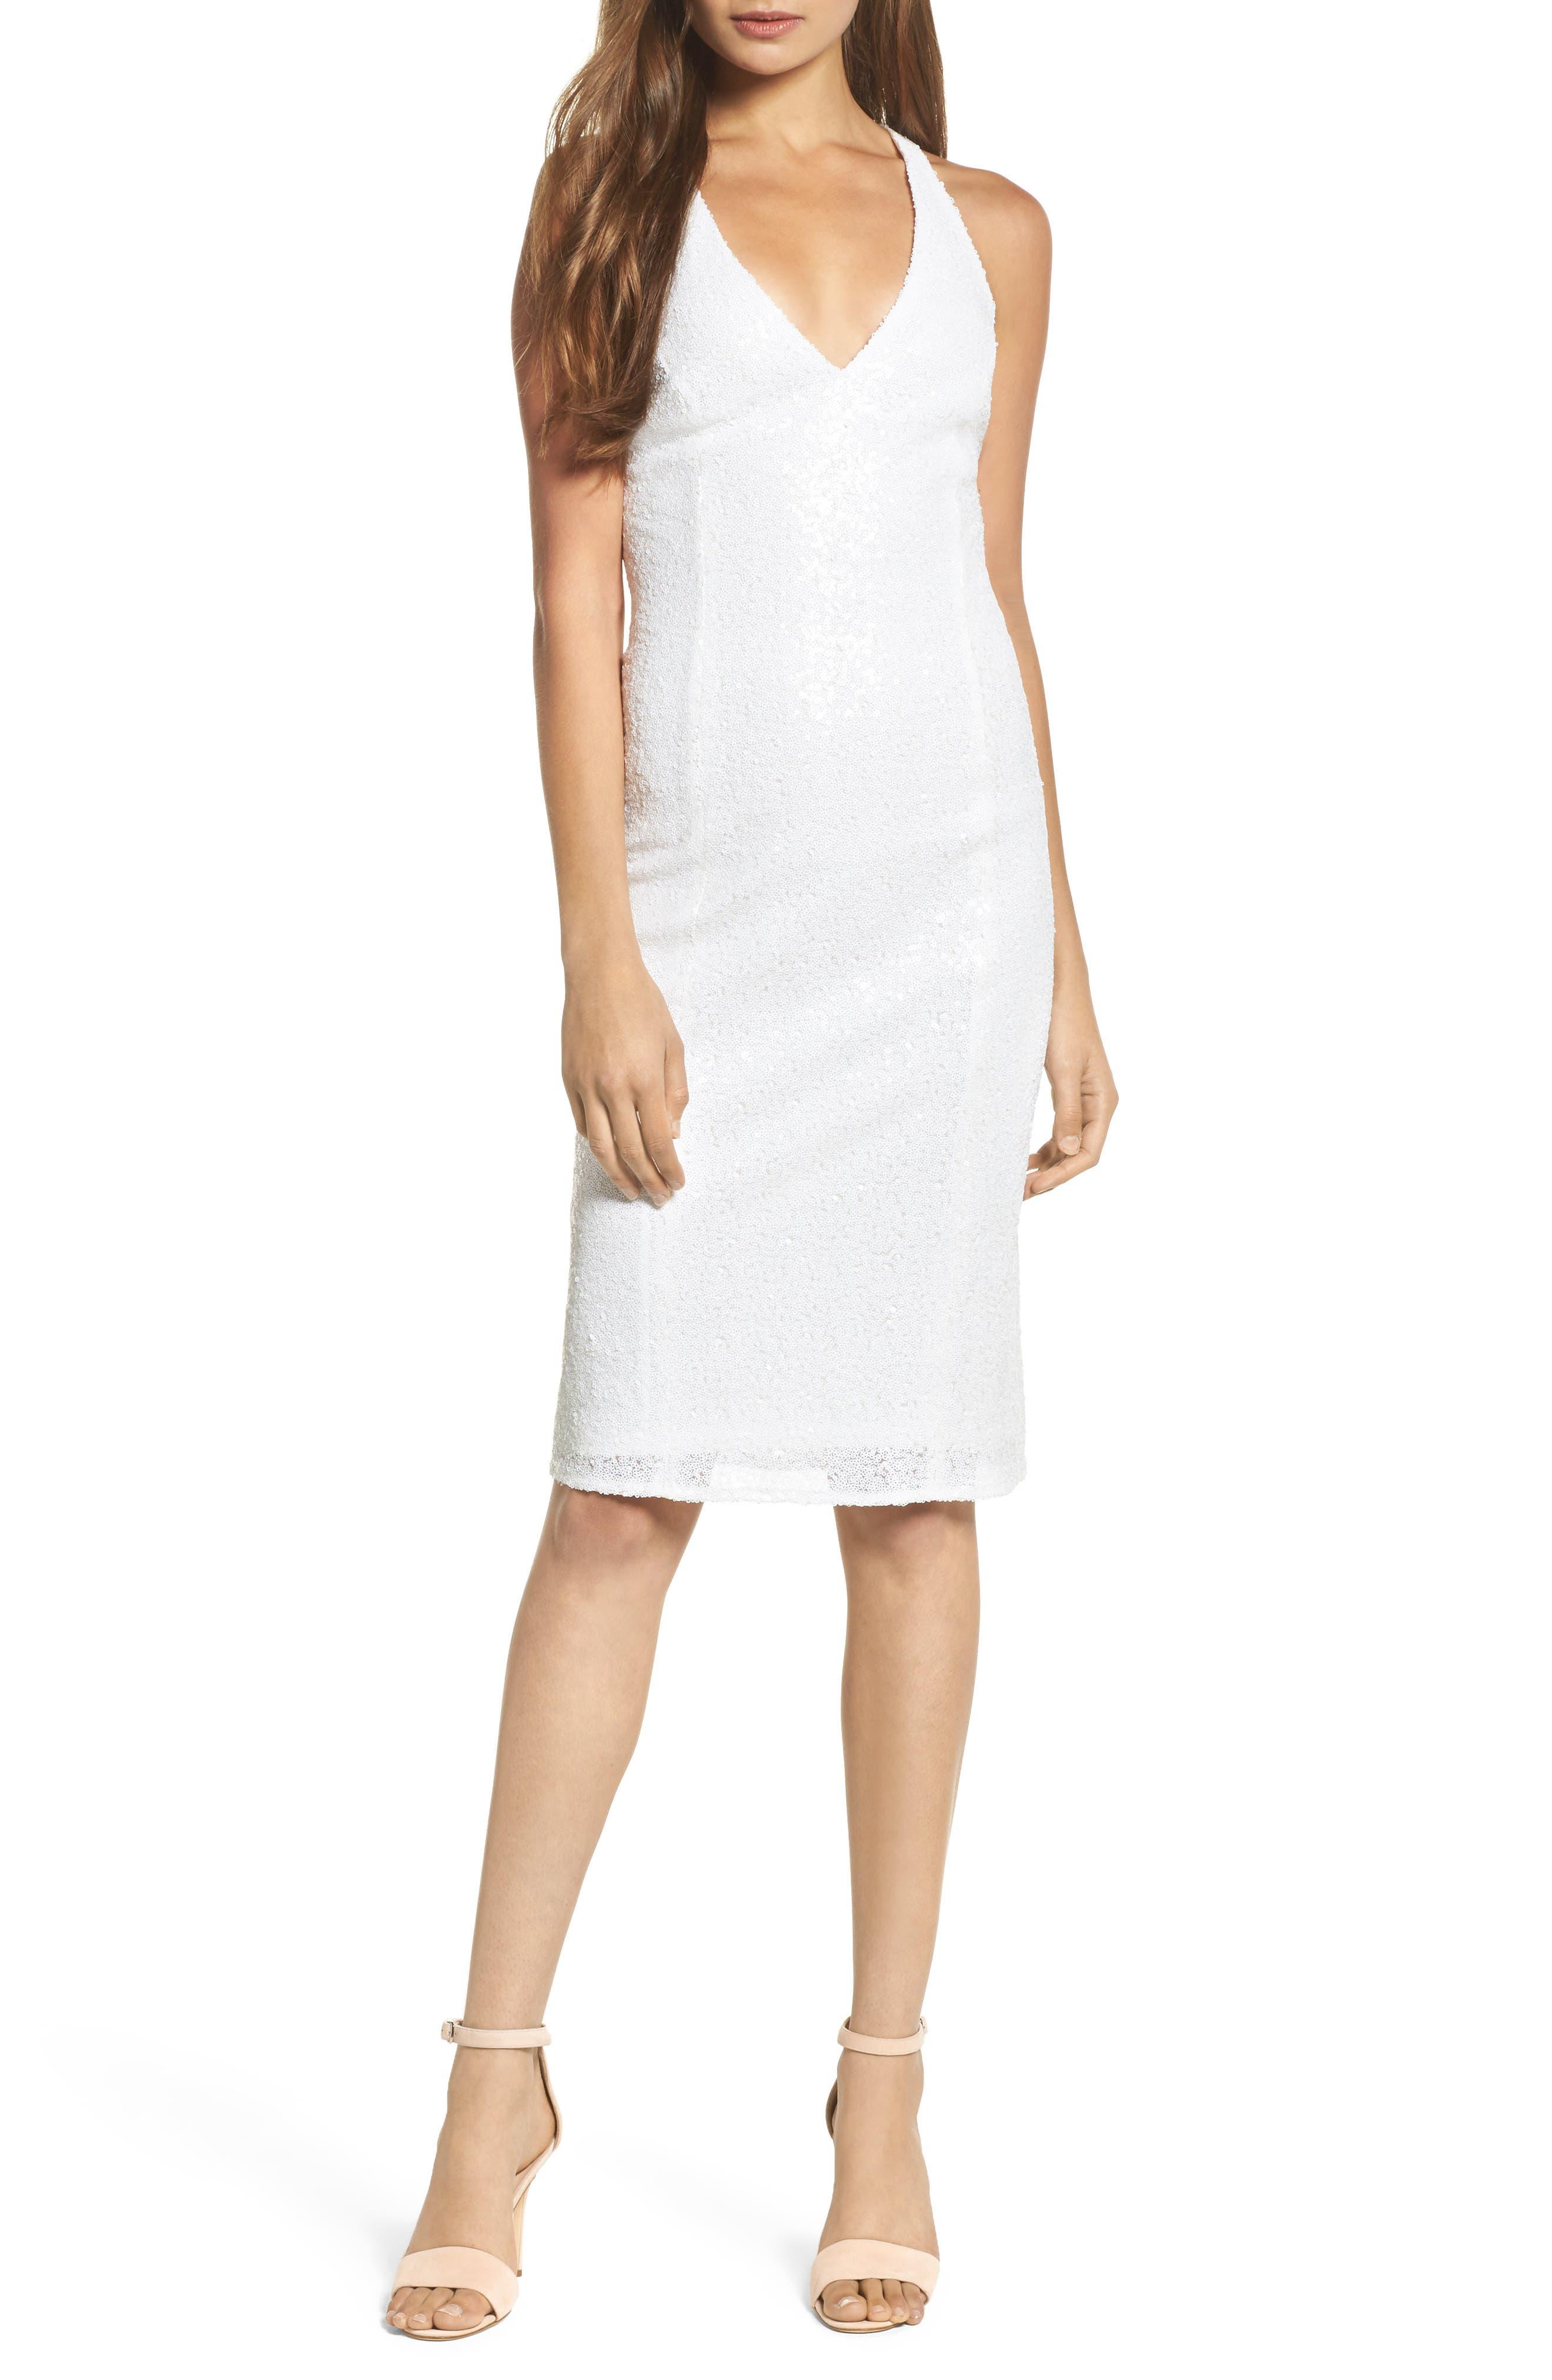 Jay by Jay Godfrey Alo Sequin Halter Dress